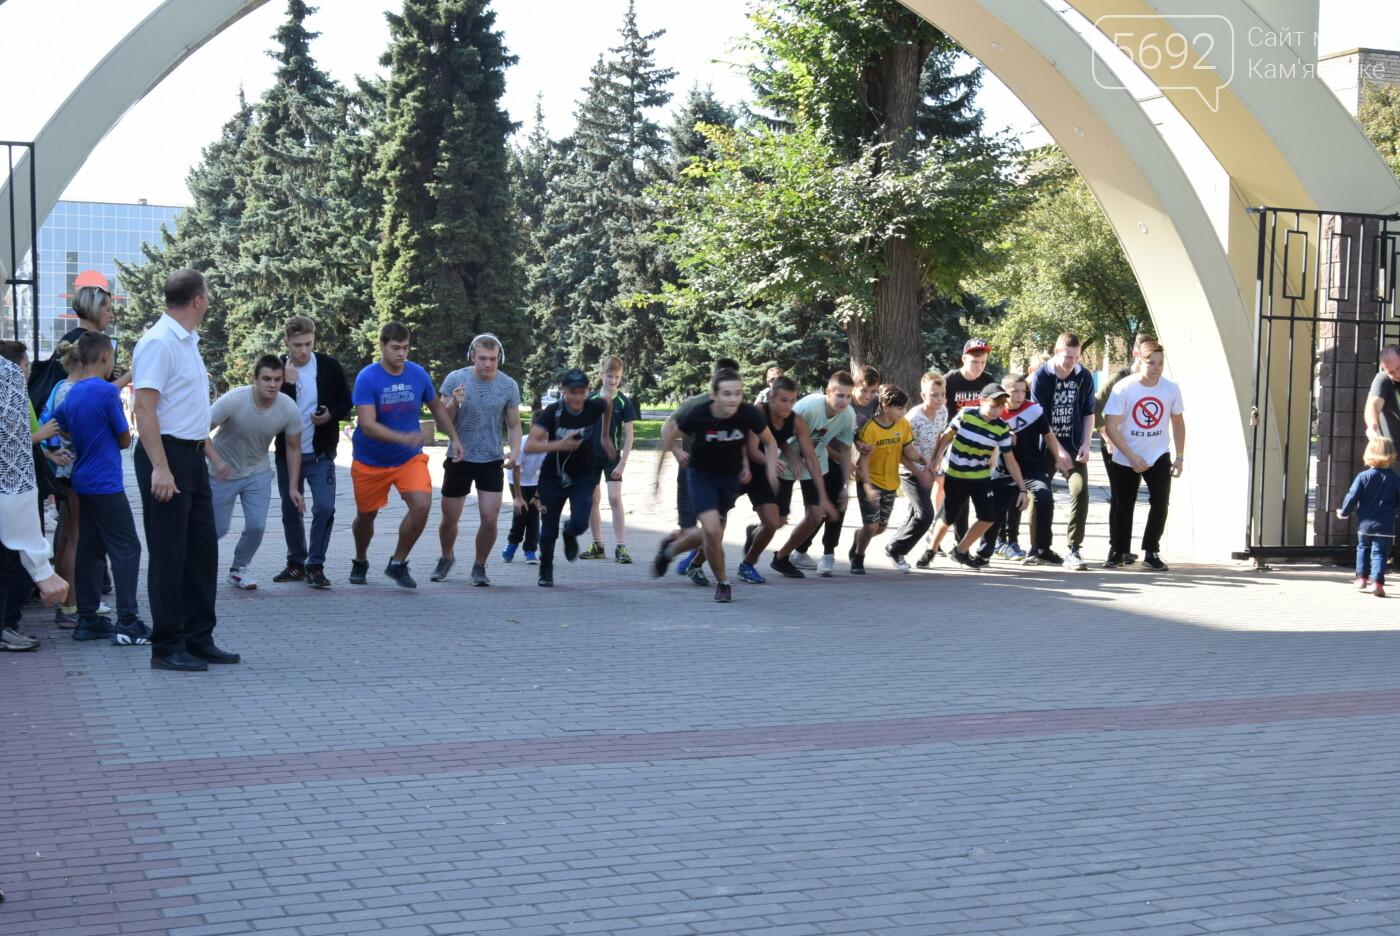 Ко Дню физкультуры и спорта: в Центральном парке Каменского соревновались школьники, фото-5